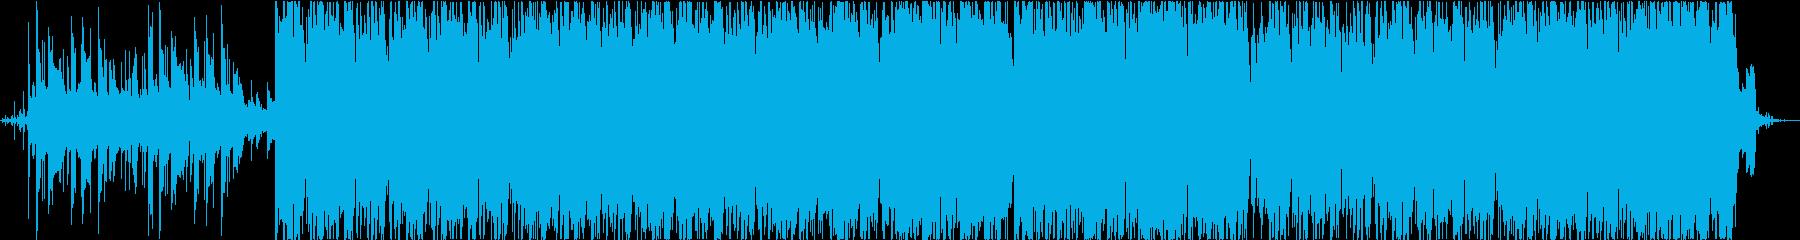 クラシックヒップホップ、背景の再生済みの波形